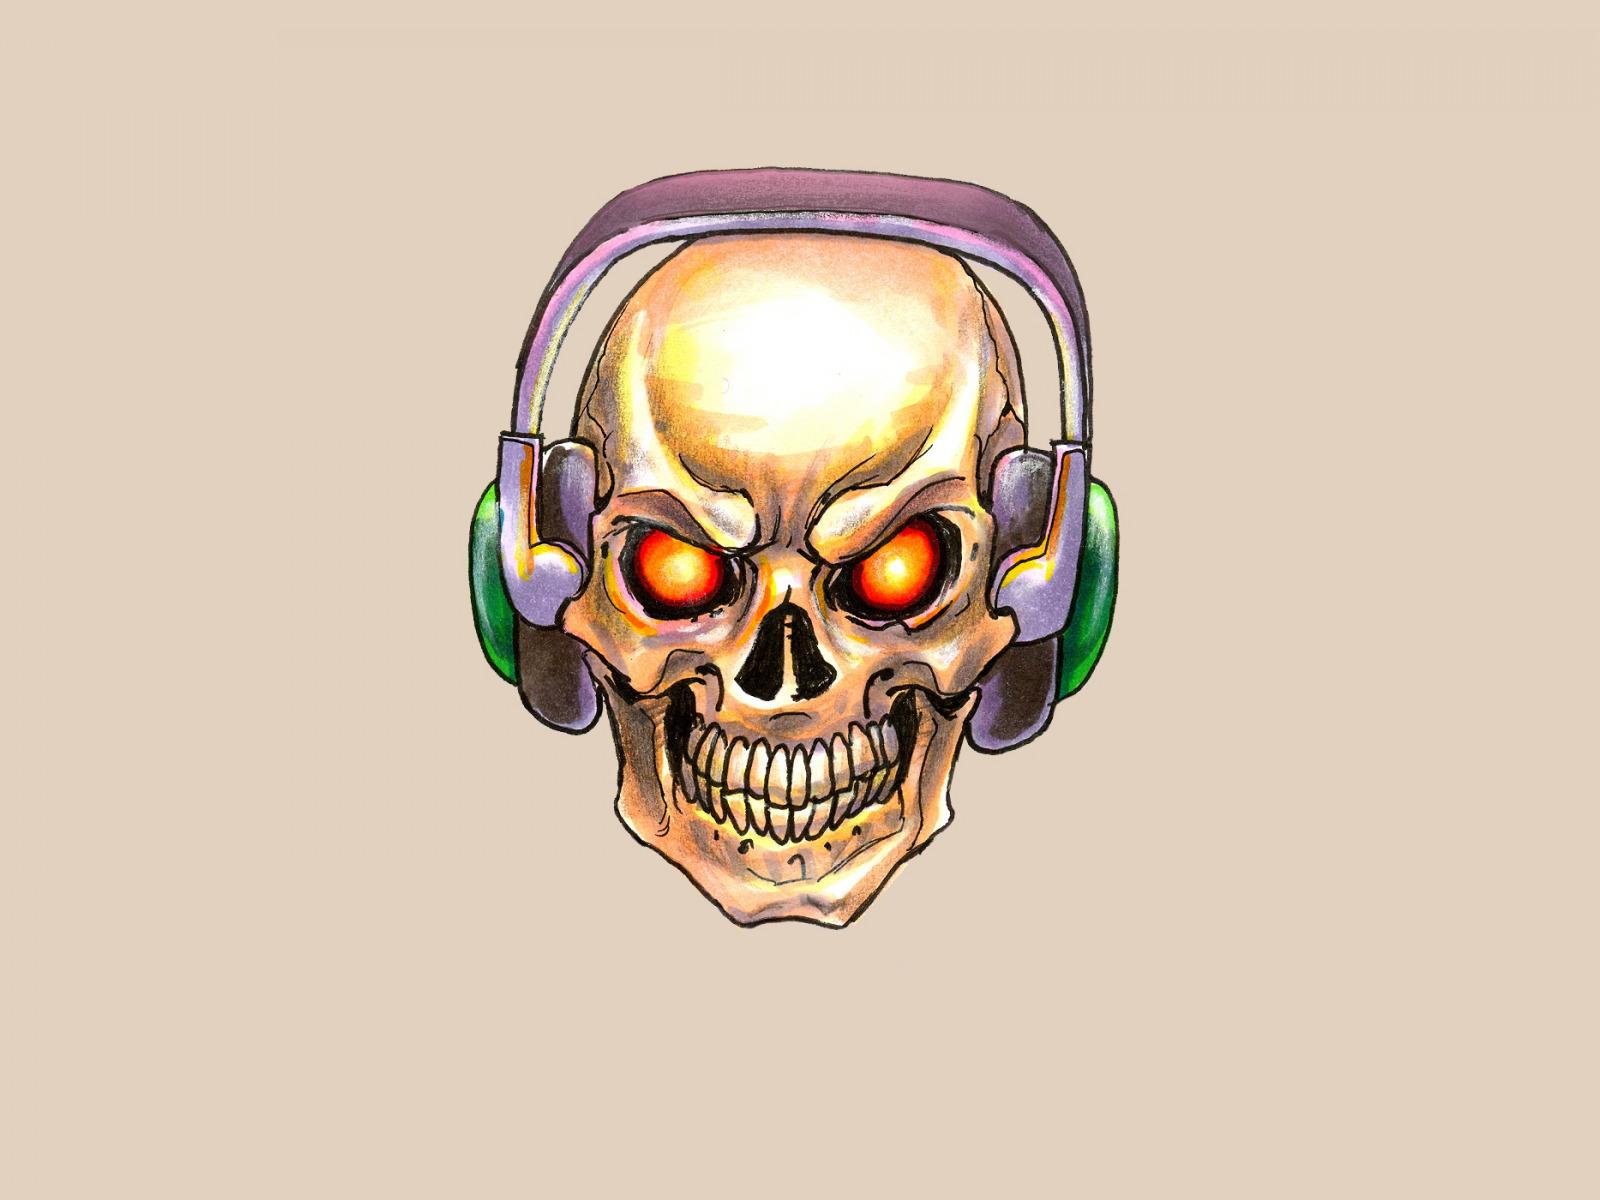 картинку череп прикольные черепа мудрость